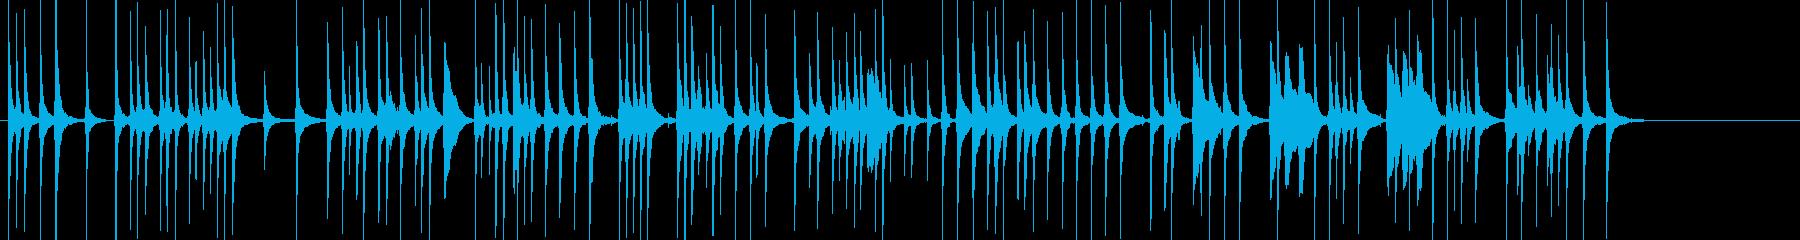 三味線33娘道成寺12日本式レビューショの再生済みの波形